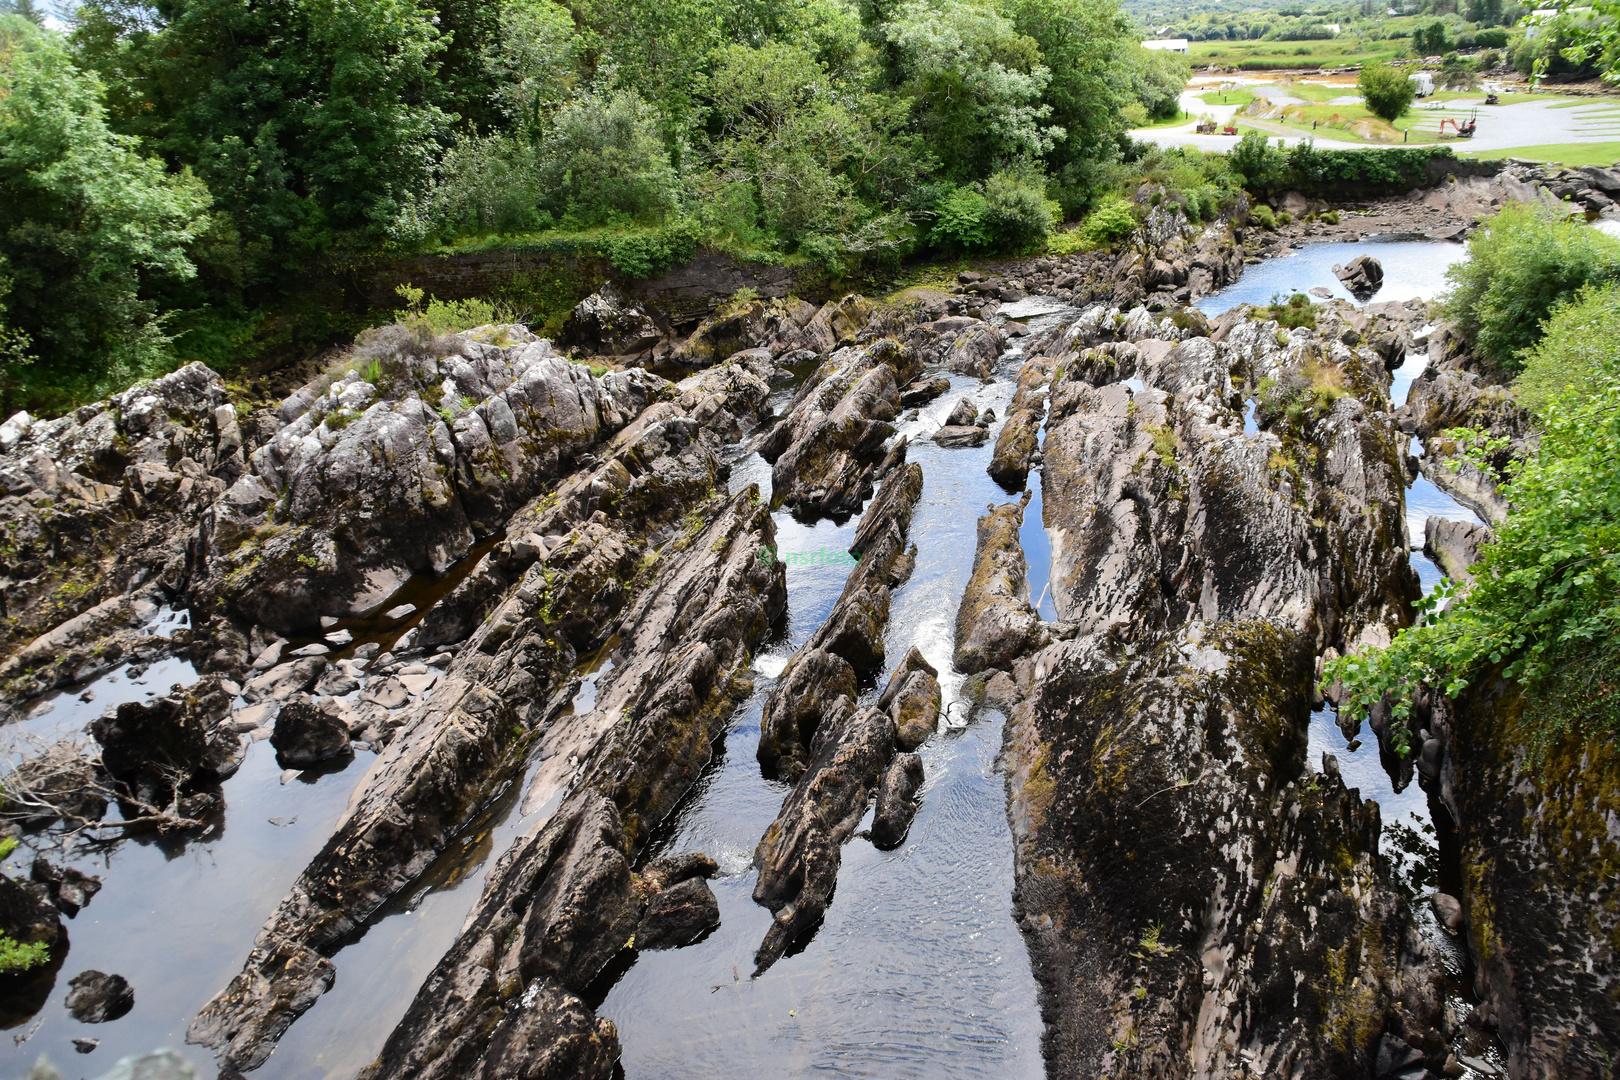 Unsere Irland-Rundreise: River Sneem - interessanter Flusslauf